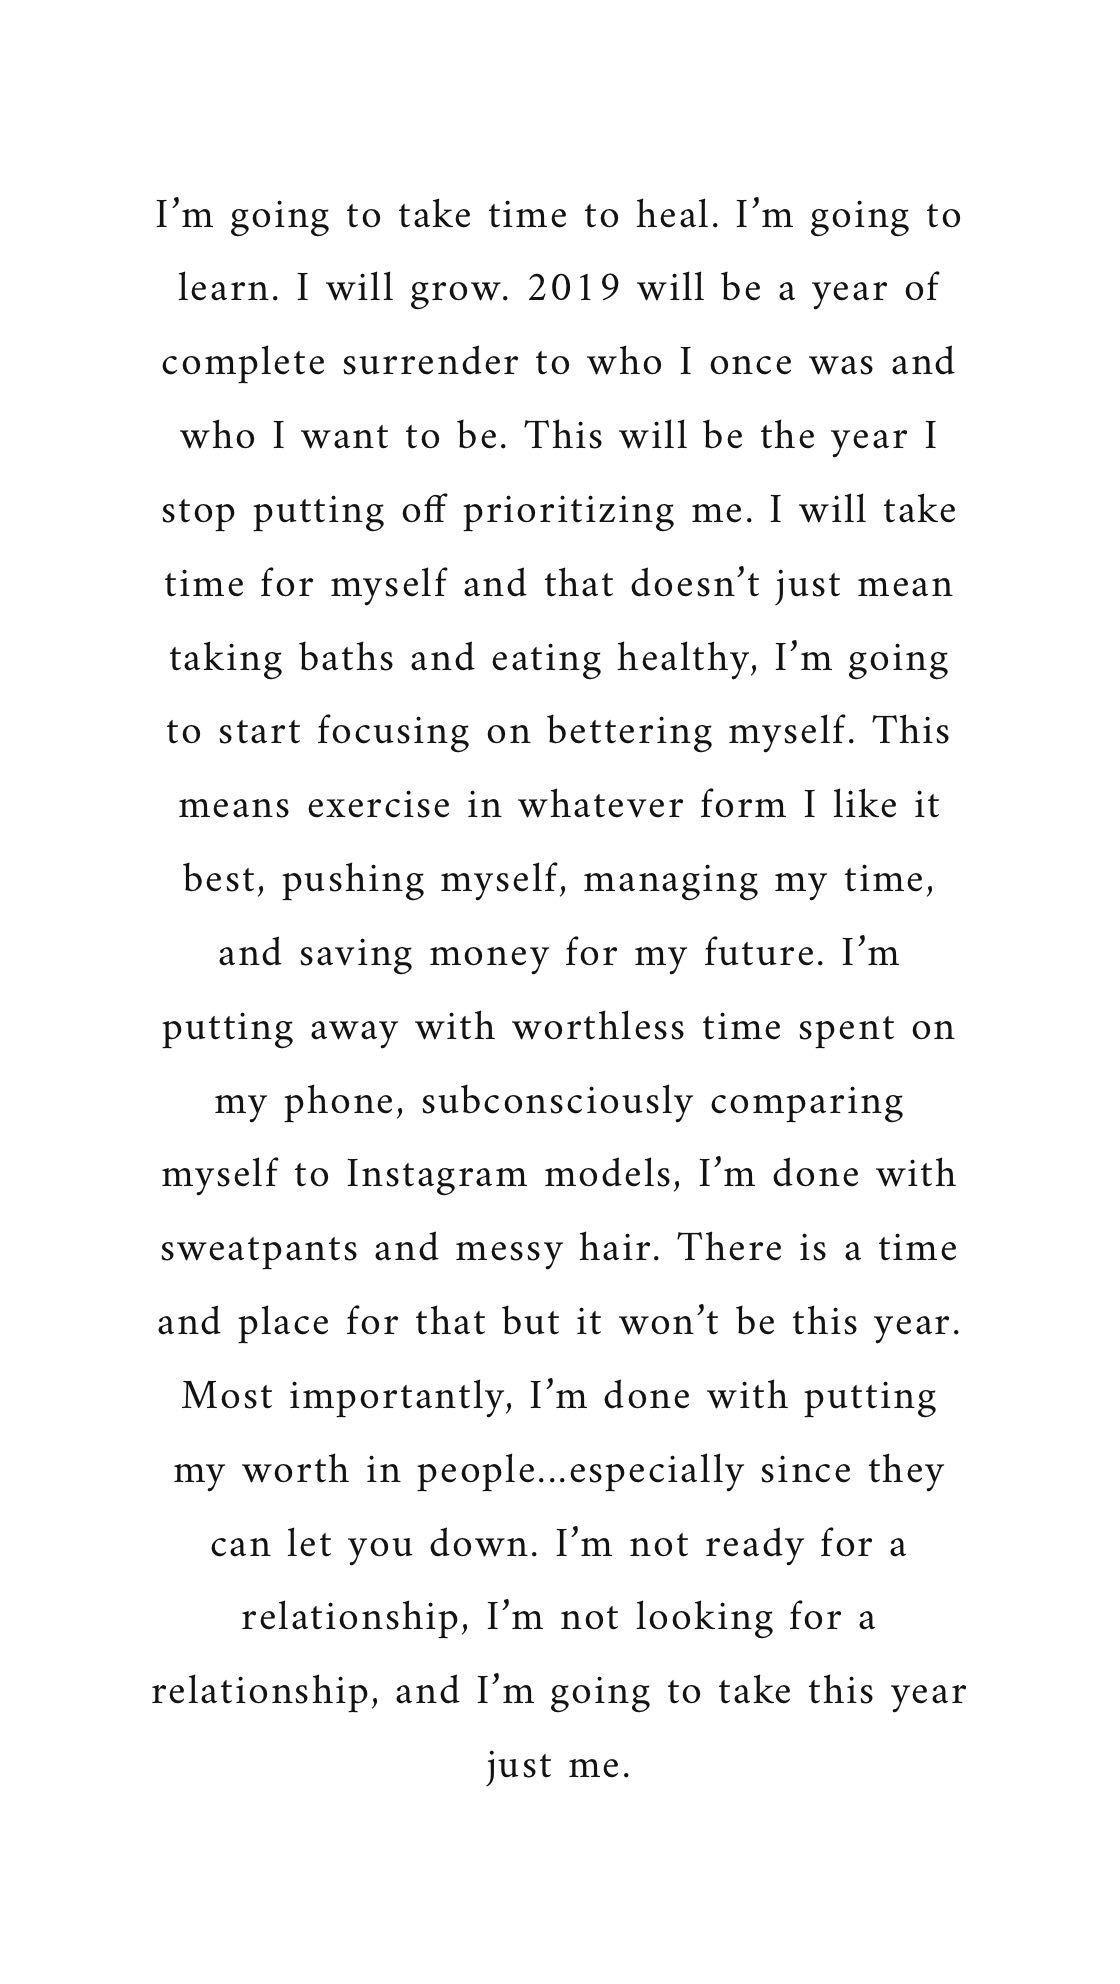 Voy a tomar tiempo para curarme. Voy a aprender. Voy a crecer 2019 será un año de rendición total a quien alguna vez fui y quién quiero ser. Este será el año que dejaré de postergarme. Tomaré tiempo para mí y eso no significa solo tomar baños y comer saludablemente, voy a comenzar a enfocarme en mejorar a mí mismo. Esto significa hacer ejercicio en la forma que más me guste, esforzarme, administrar mi tiempo y ahorrar dinero para mi futuro. Estoy ahorrando el tiempo inútil que pasé